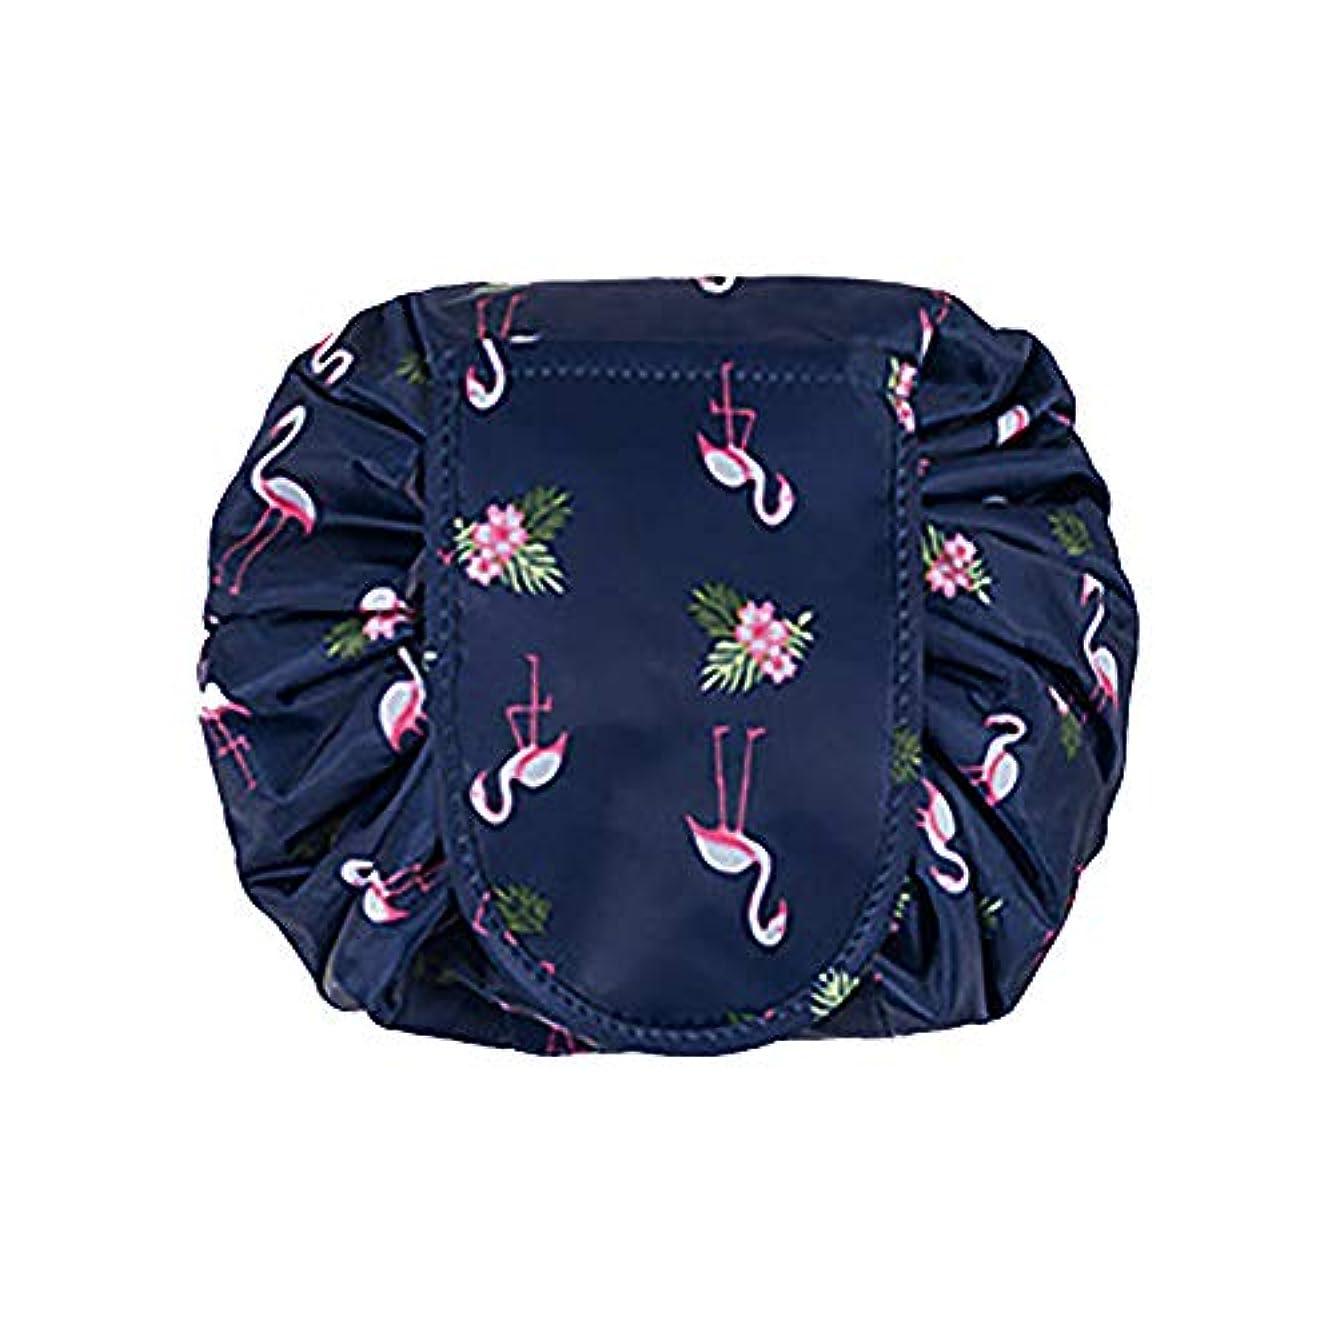 香港ミスクランプ大容量 レイジーメイクアップトイレタリーバッグ 引きひも ポータブル 旅行 カジュアル 防水 クイック 魔法 化粧品収納バッグ 女性にぴったり (ダークブルーフラミンゴ)